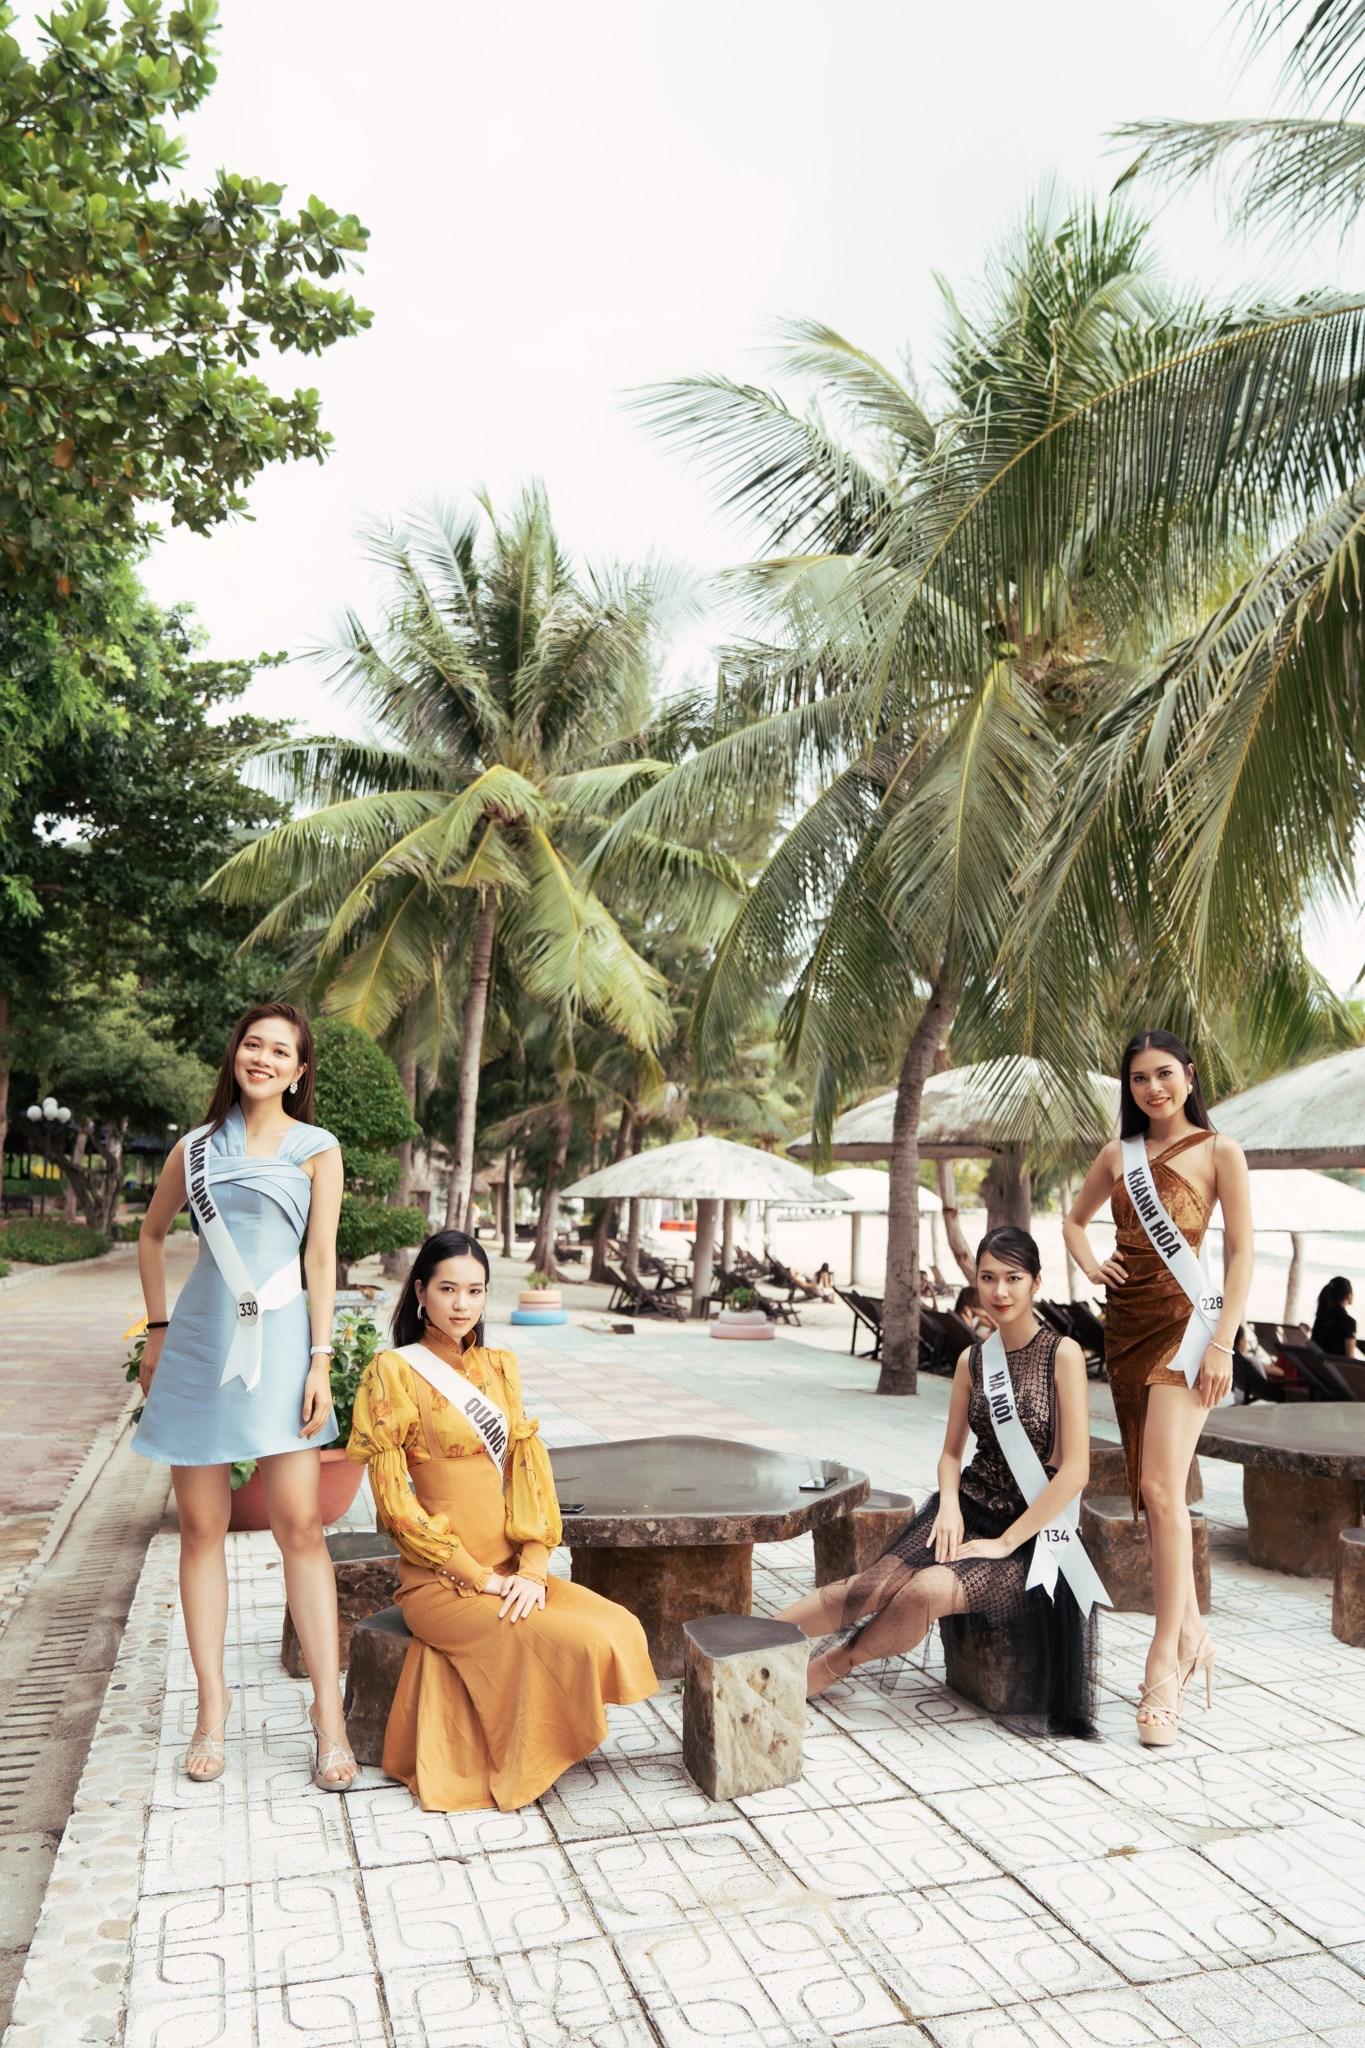 Top 45 thí sinh HHHV Việt Nam 2019 hóa nàng thơ tại bãi biển Nhũ Tiên7